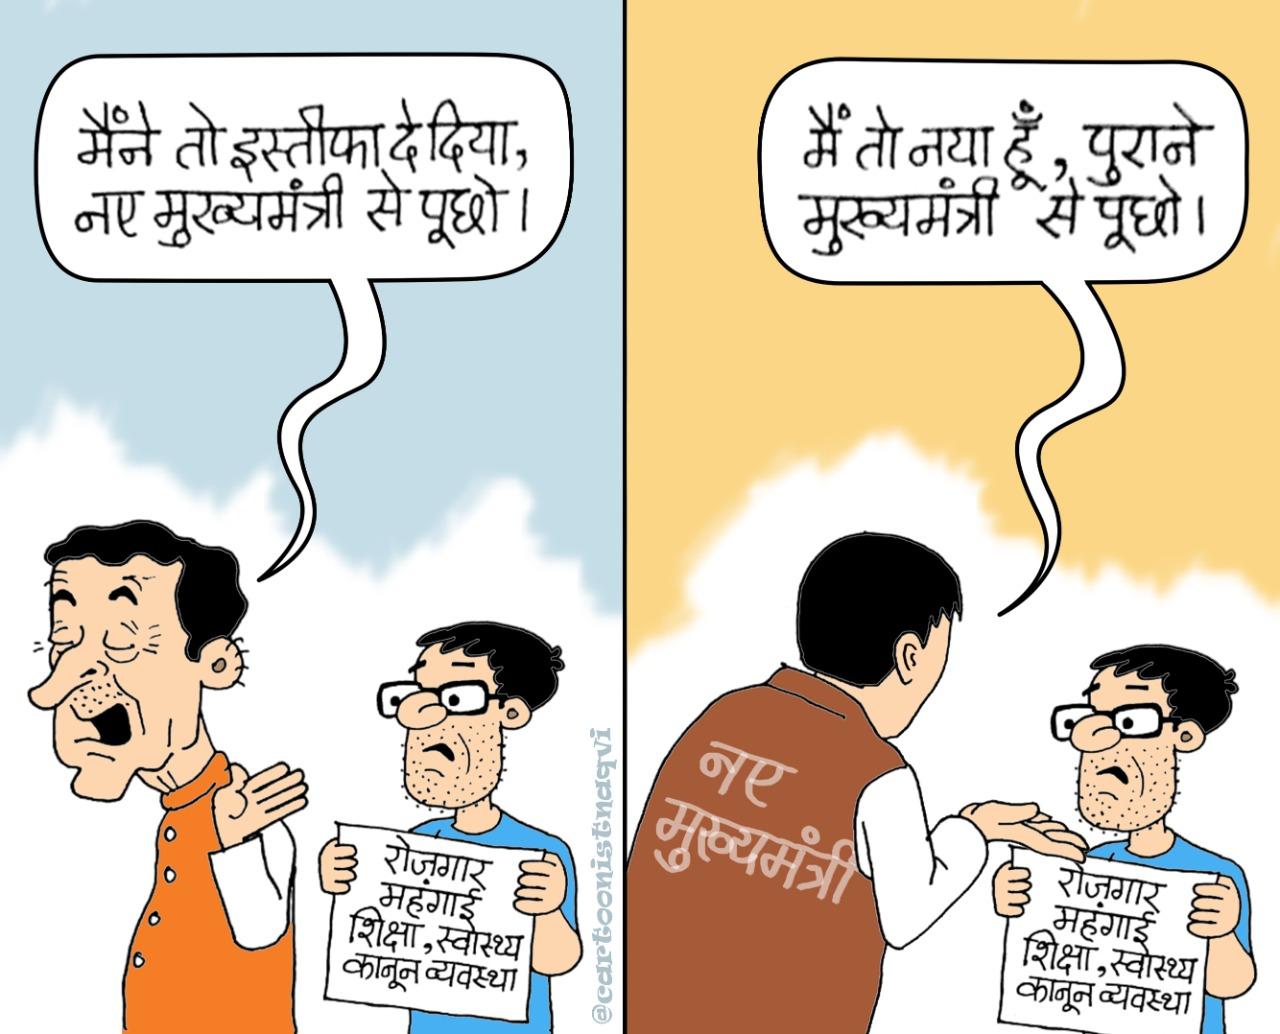 भाजपा की CM बदलो सीरीज का सीजन -5, अबकी बार गुजरात की 'विजय' गाथा|देश,National - Dainik Bhaskar